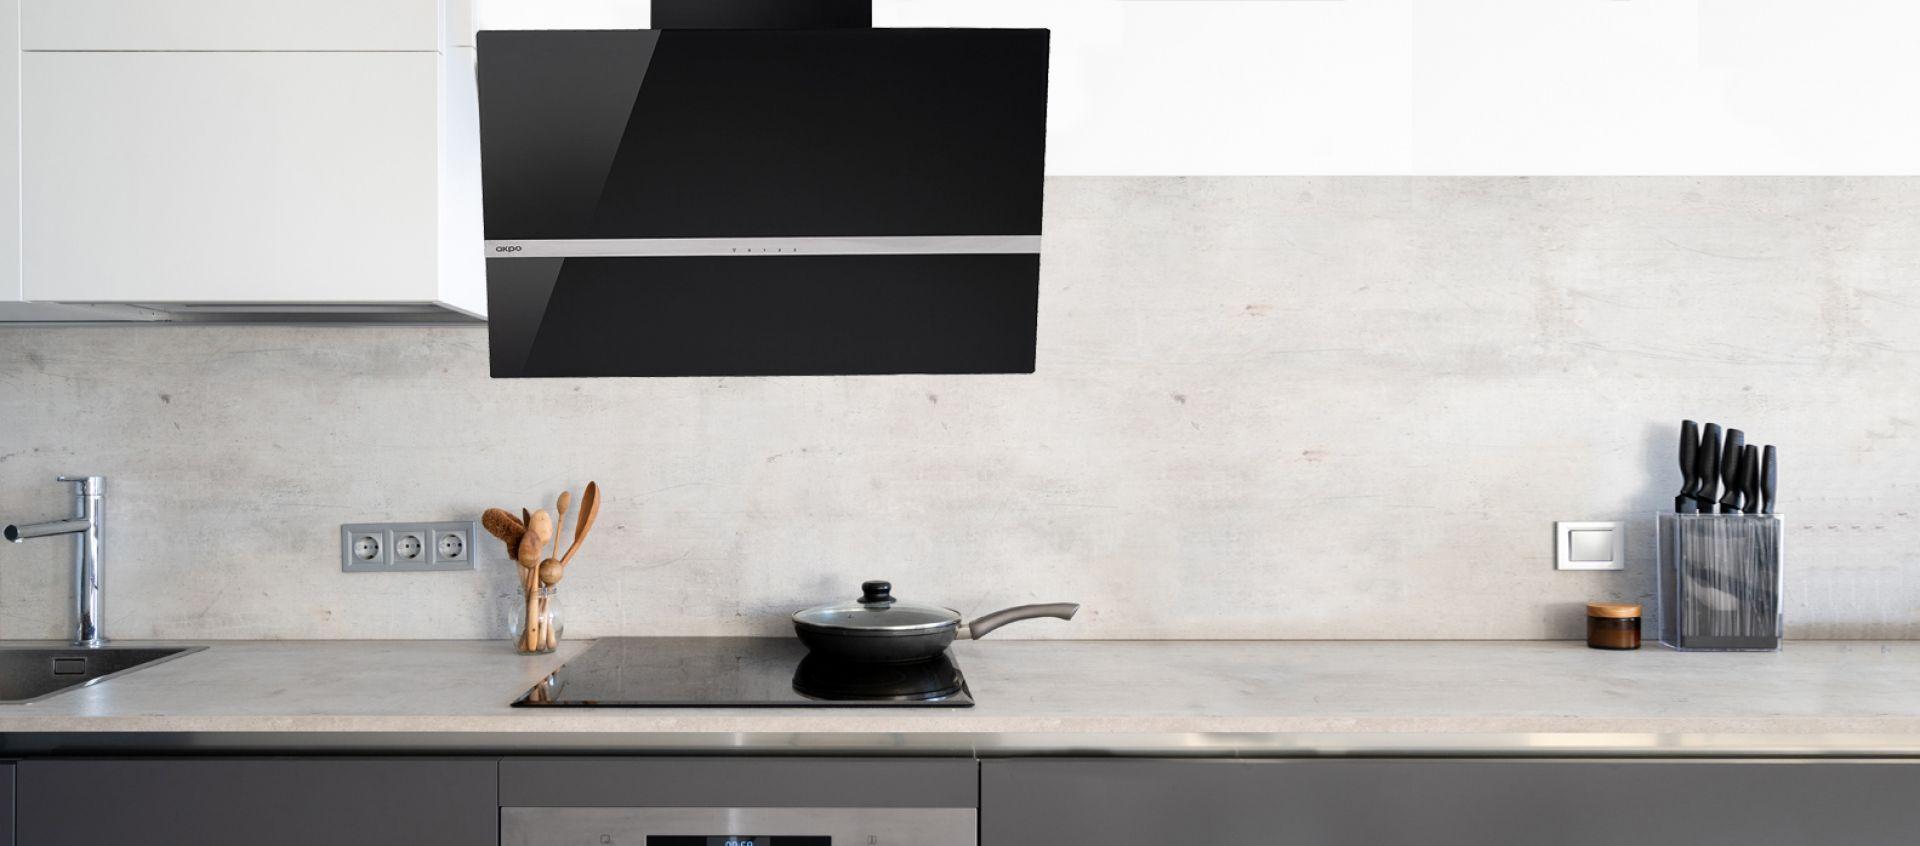 Czarny okap może być gwiazdą w nowoczesnej kuchni. Fot. Akpo